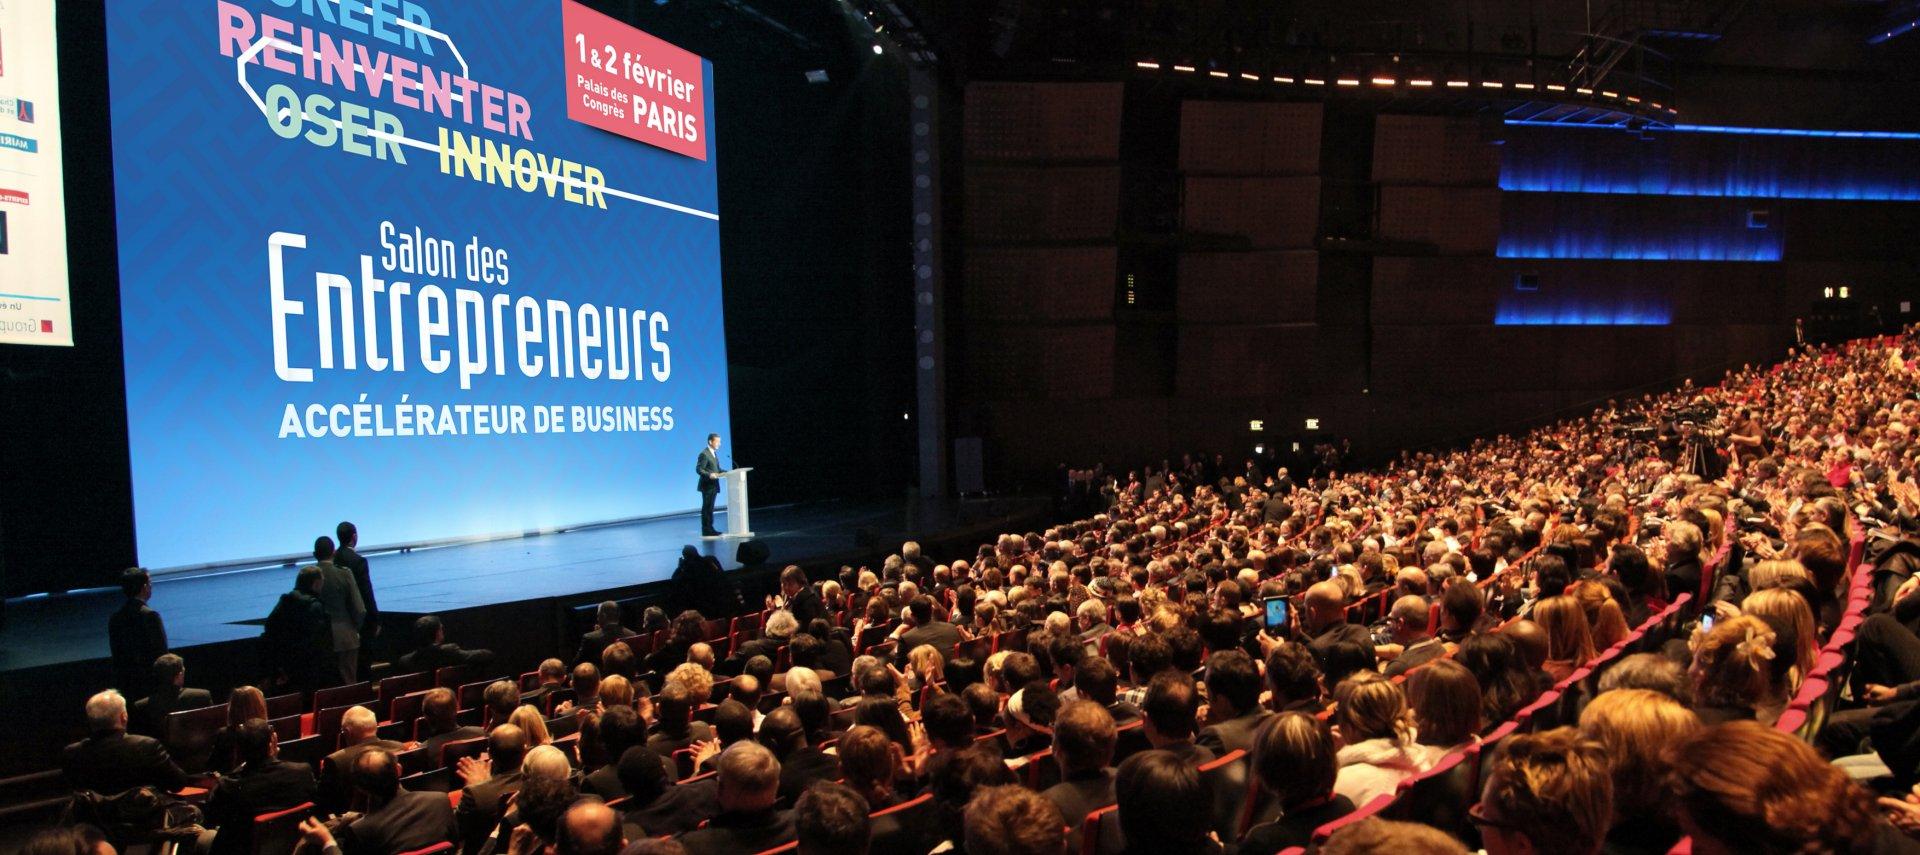 Salon des entrepreneurs 1er et 2 f vrier palais des for Salon des entrepreneurs